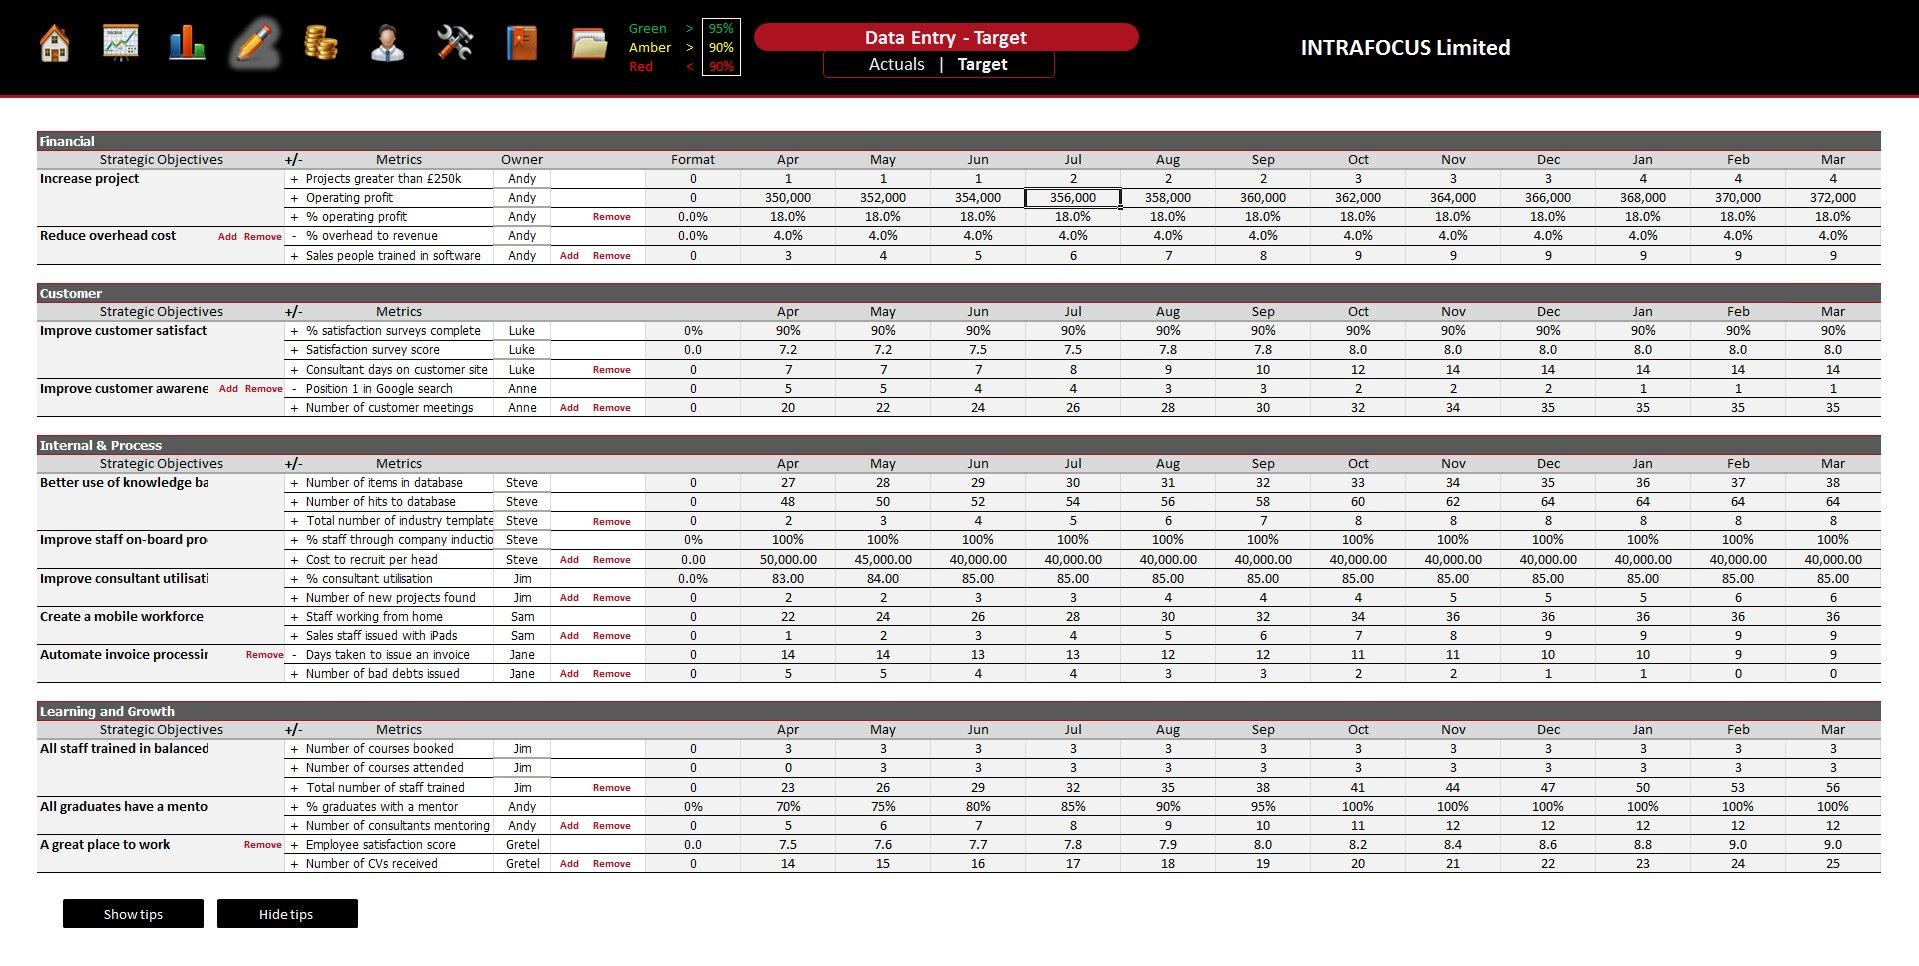 Download Kpi Scorecard Template Excel With Kpi Scorecard Template Excel For Google Spreadsheet